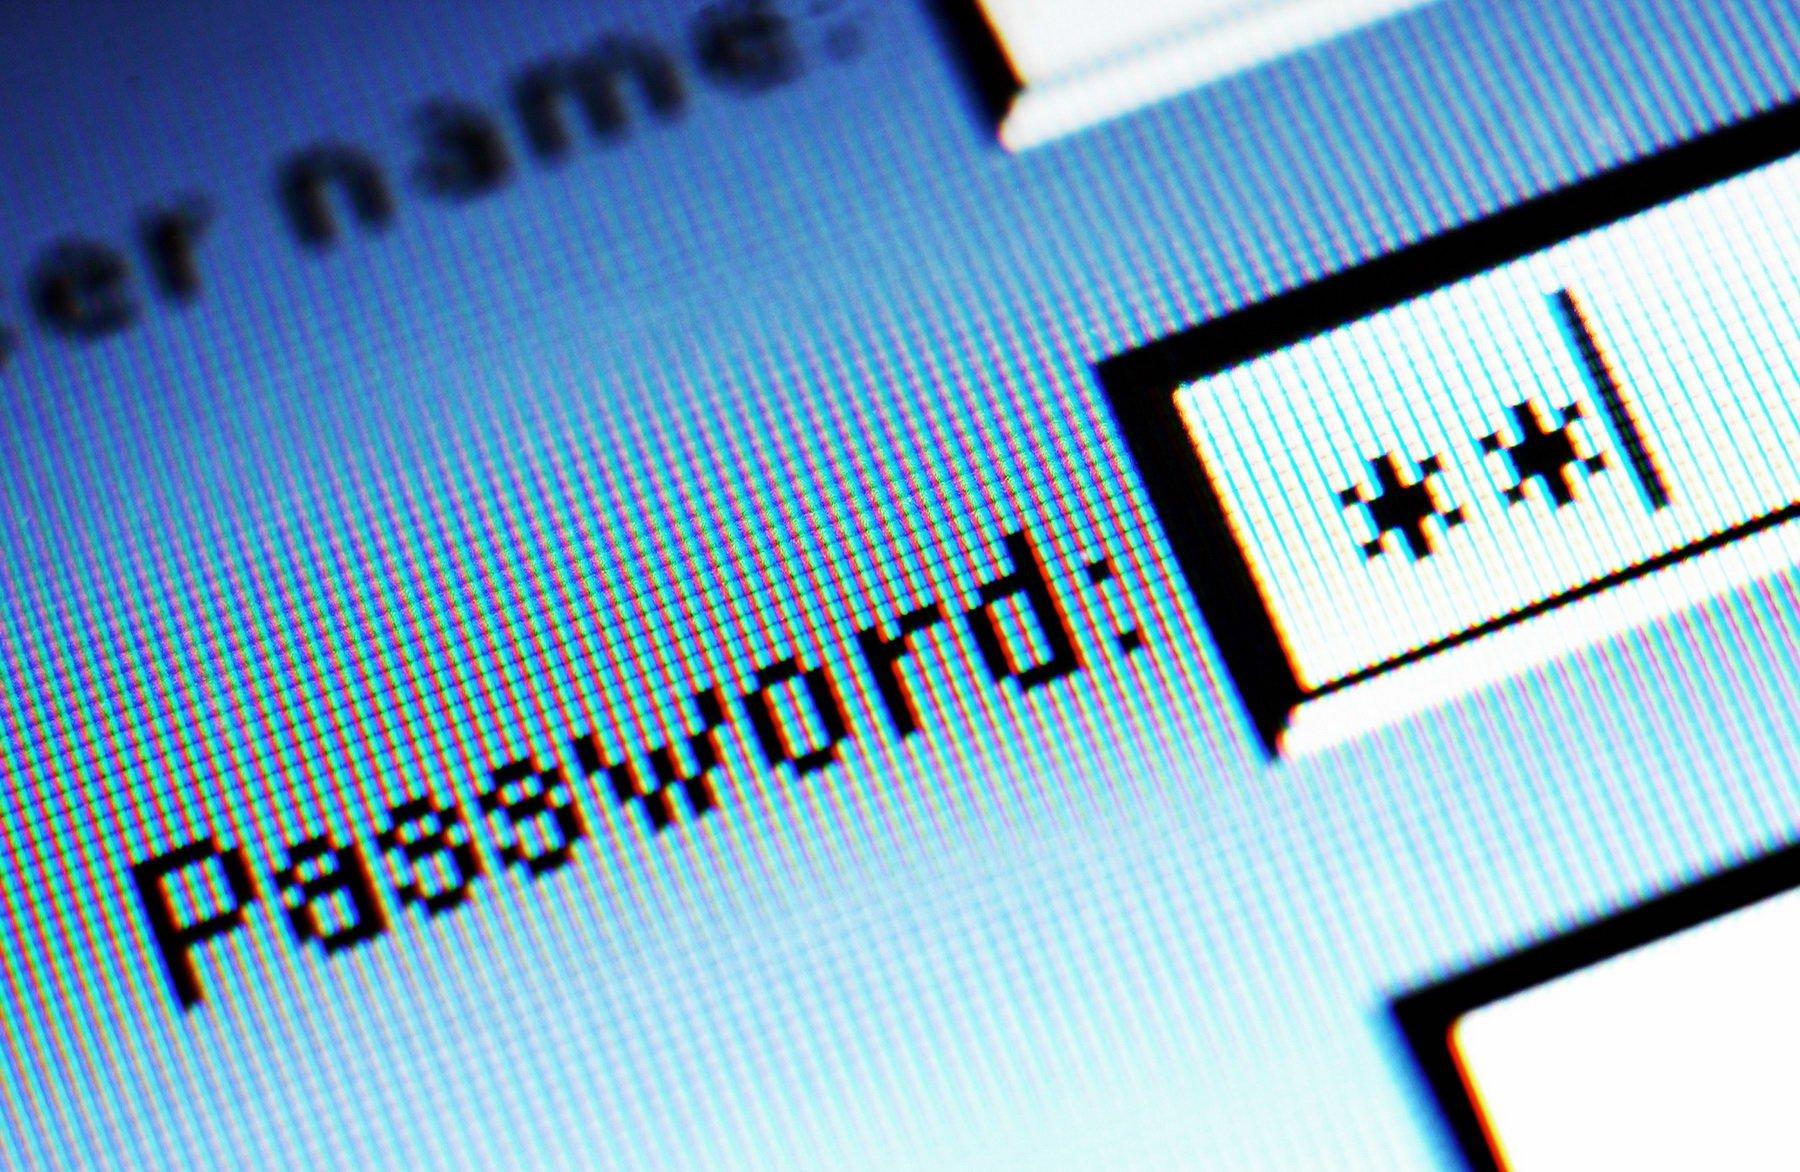 Эксперты оценили ущерб от утечки данных из российских банков в 420 млн рублей